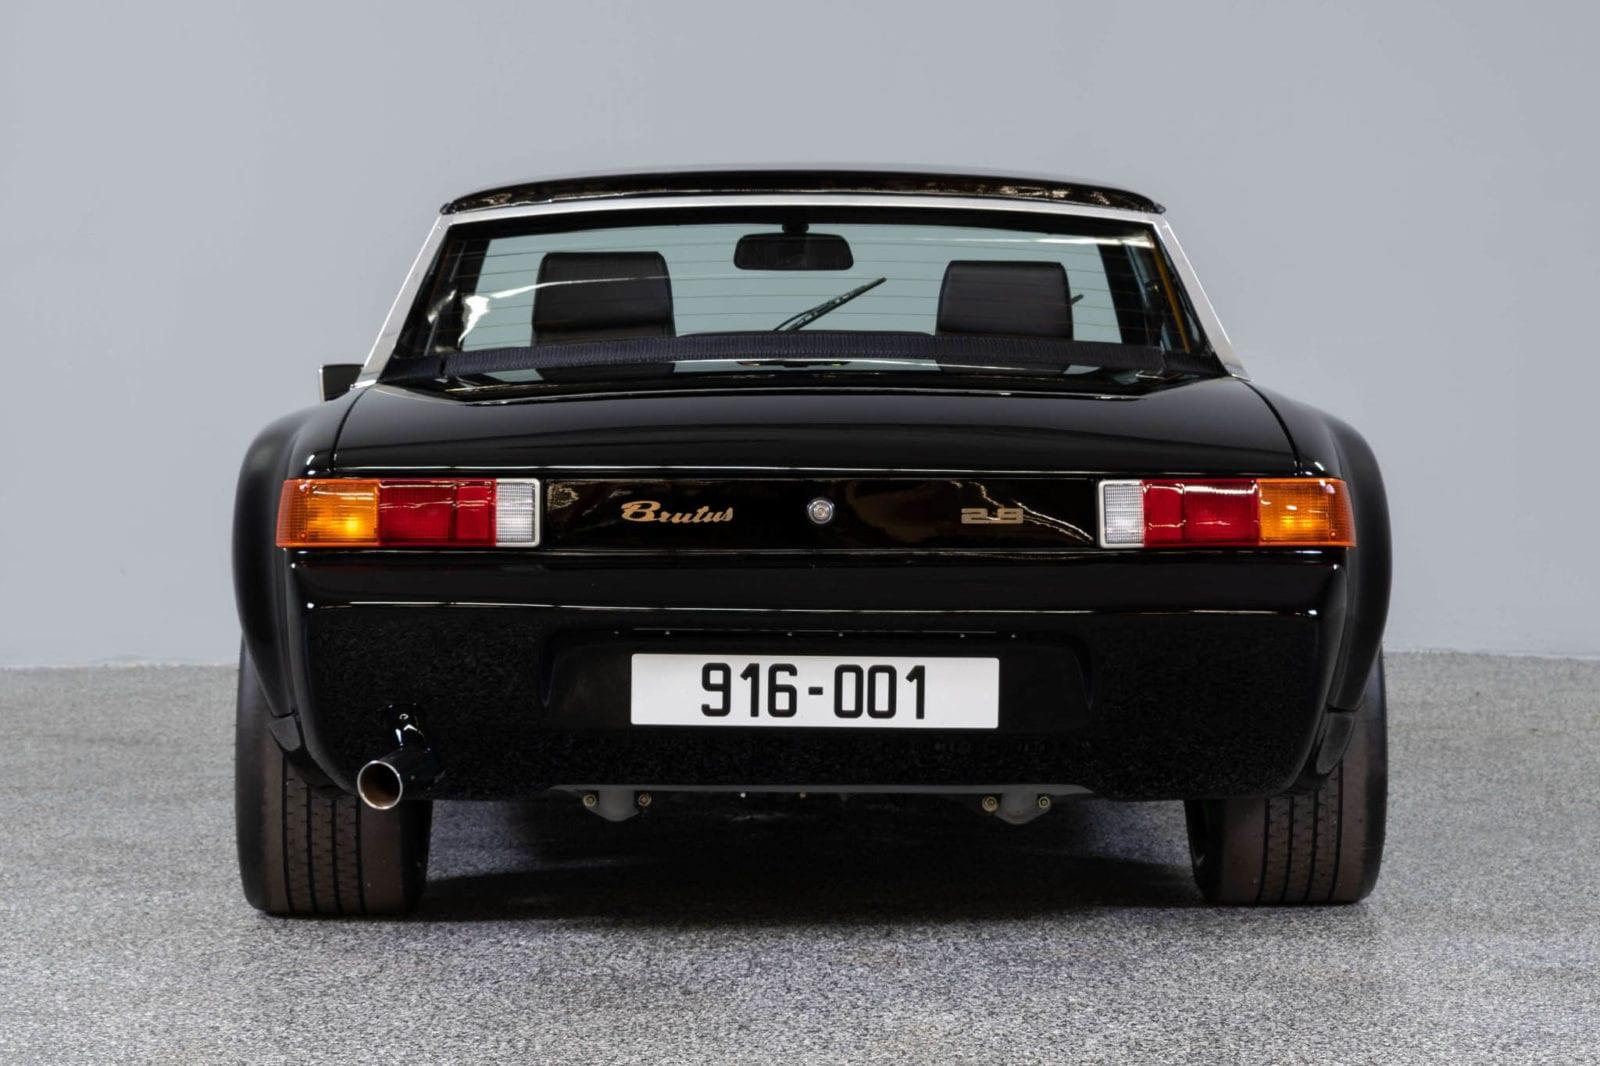 porsche-916-brutus-1971-unikalnyj-prototip-kotoryj-mog-perepisat-istoriyu-porsche-prodan-za-70-000-000-rublej